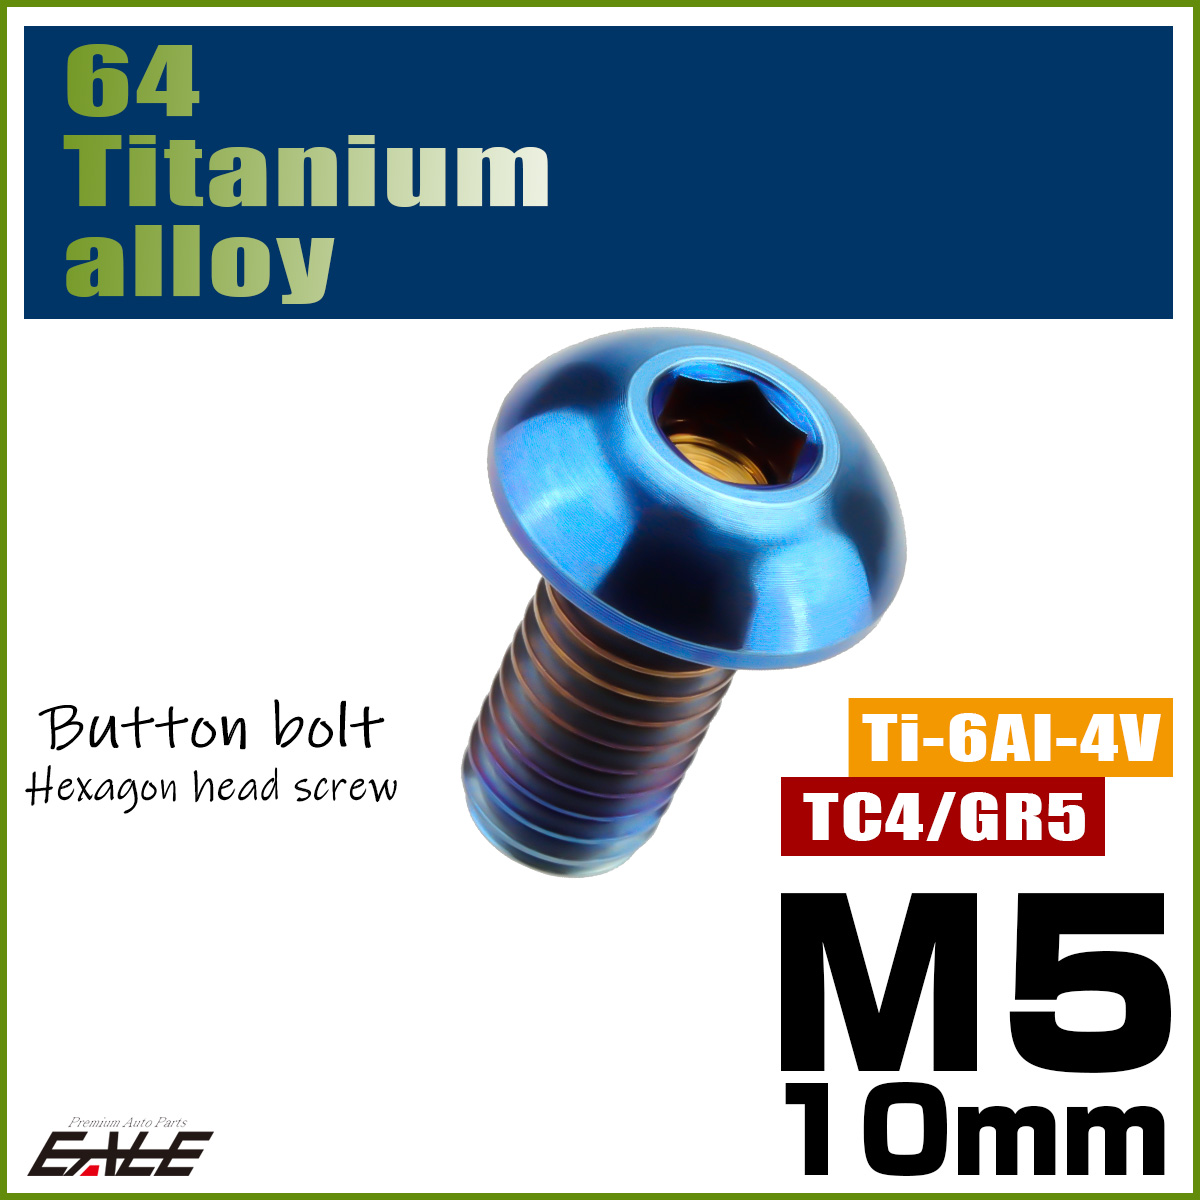 【ネコポス可】 64チタン合金 M5×10mm P0.8 ボタンボルト 六角穴 ボタンキャップスクリュー チタンボルト 焼きチタン風 虹色 ダークカラー JA588